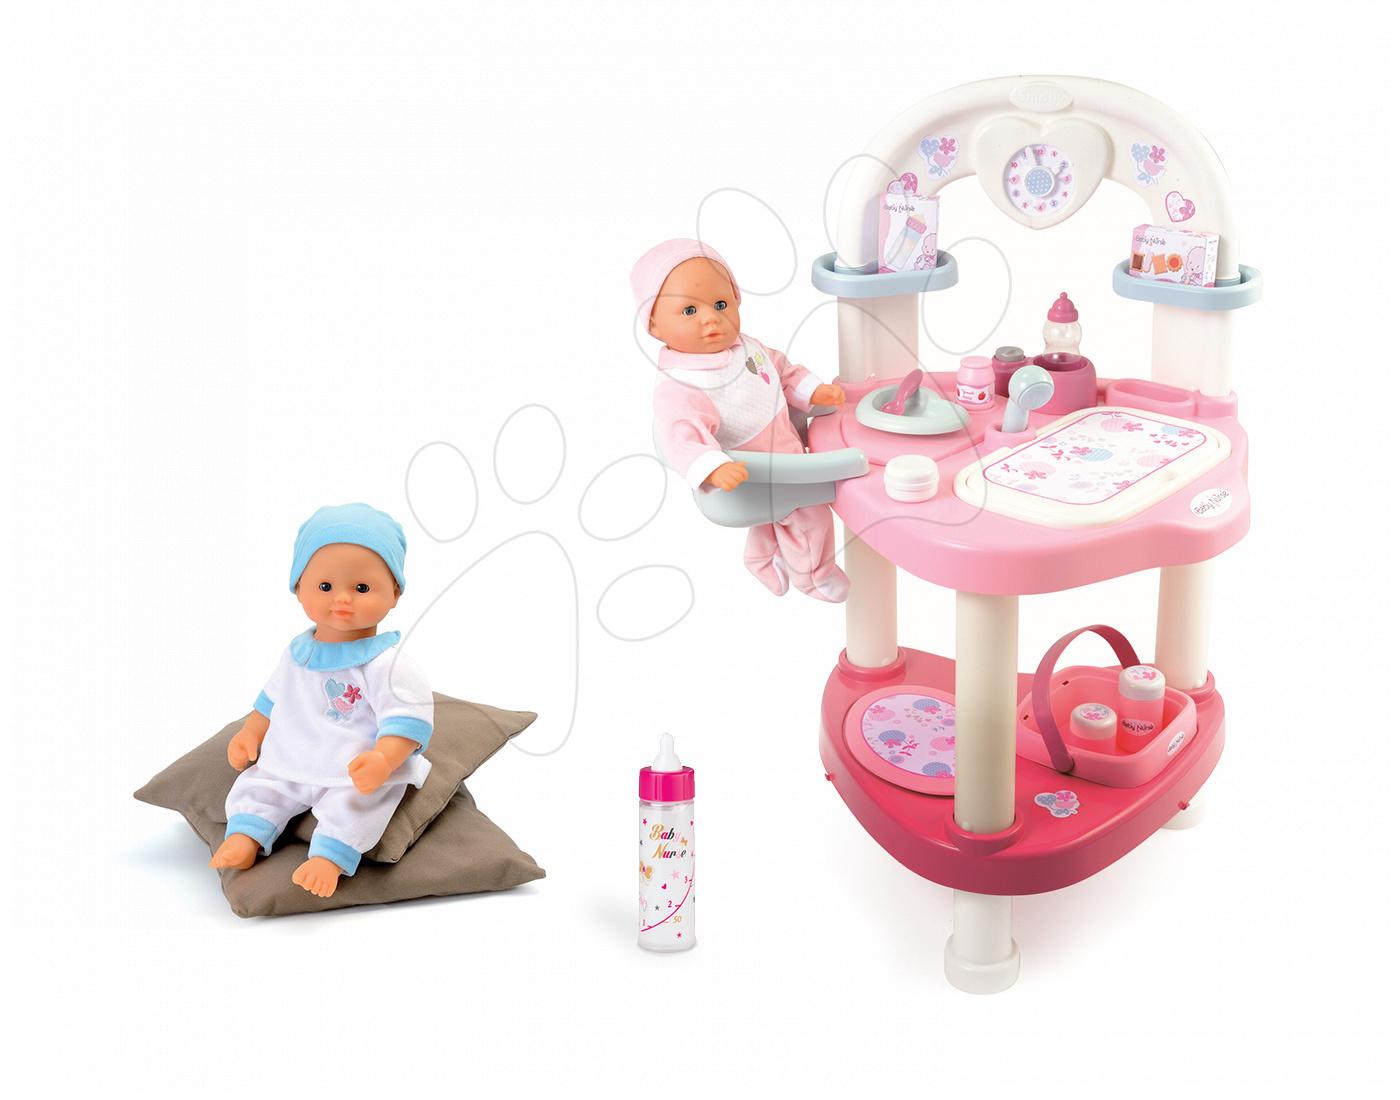 Domčeky pre bábiky sety - Set prebaľovací stôl pre bábiku Baby Nurse Srdiečko Smoby bábika v dupačkách 32 cm a magická fľaša